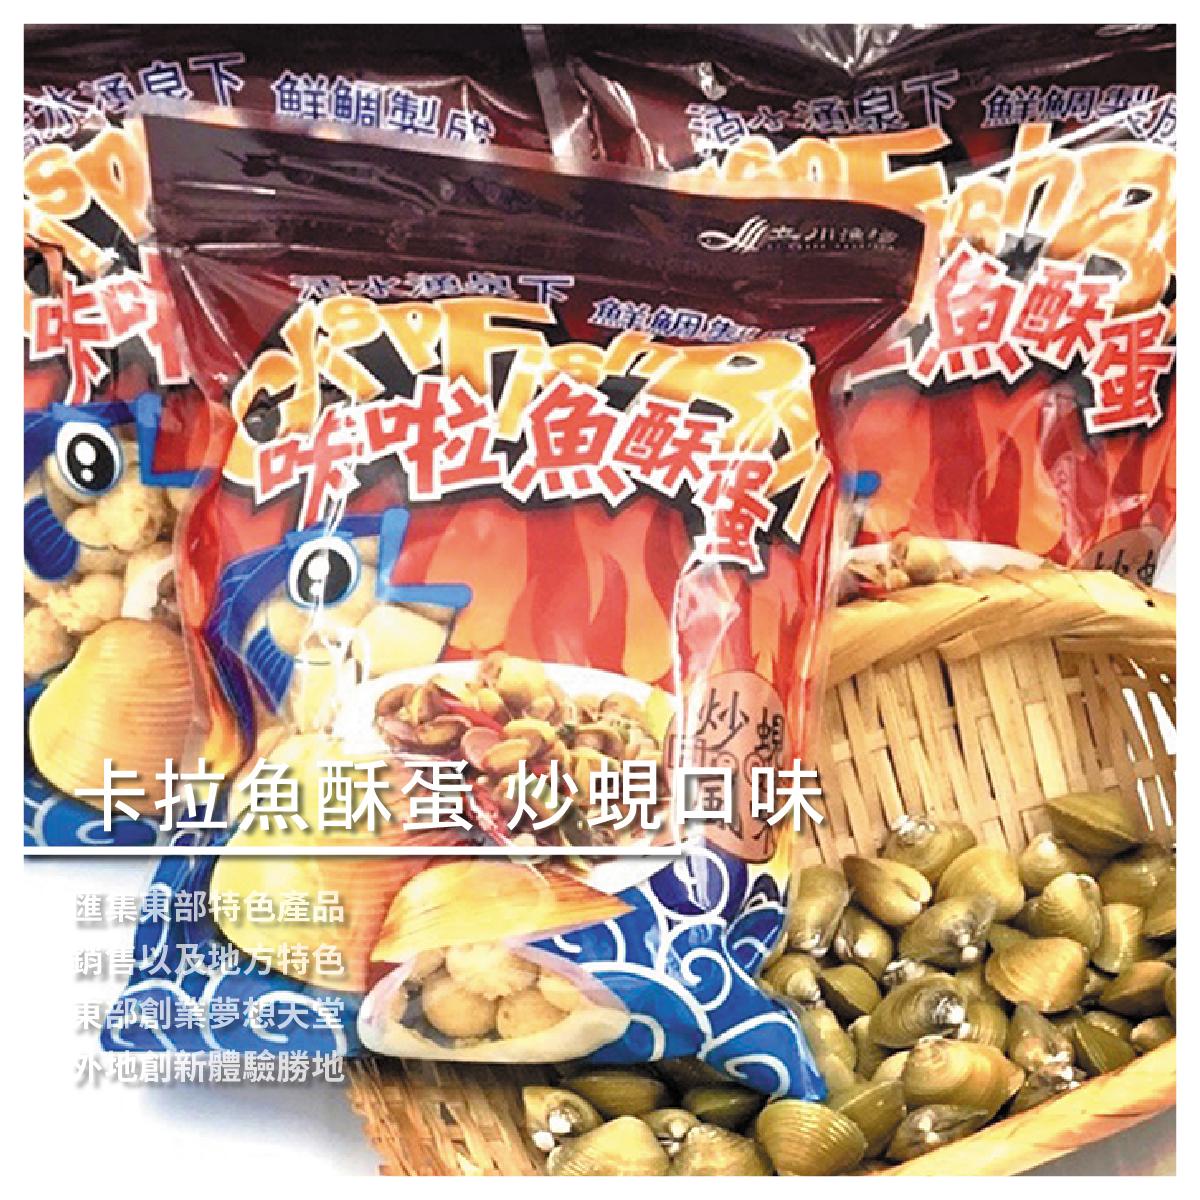 【後山‧山後】立川 卡拉魚酥蛋 炒蜆口味/170g/袋